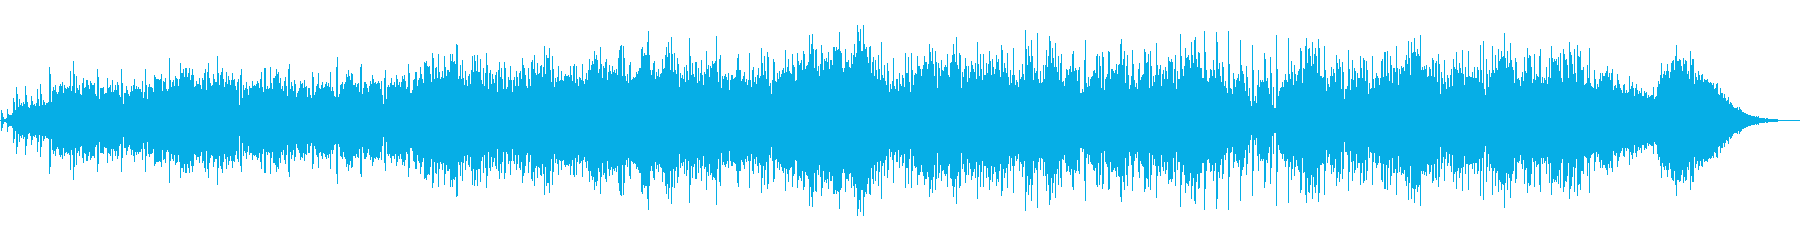 クールでアダルトなエレクトロニカの再生済みの波形